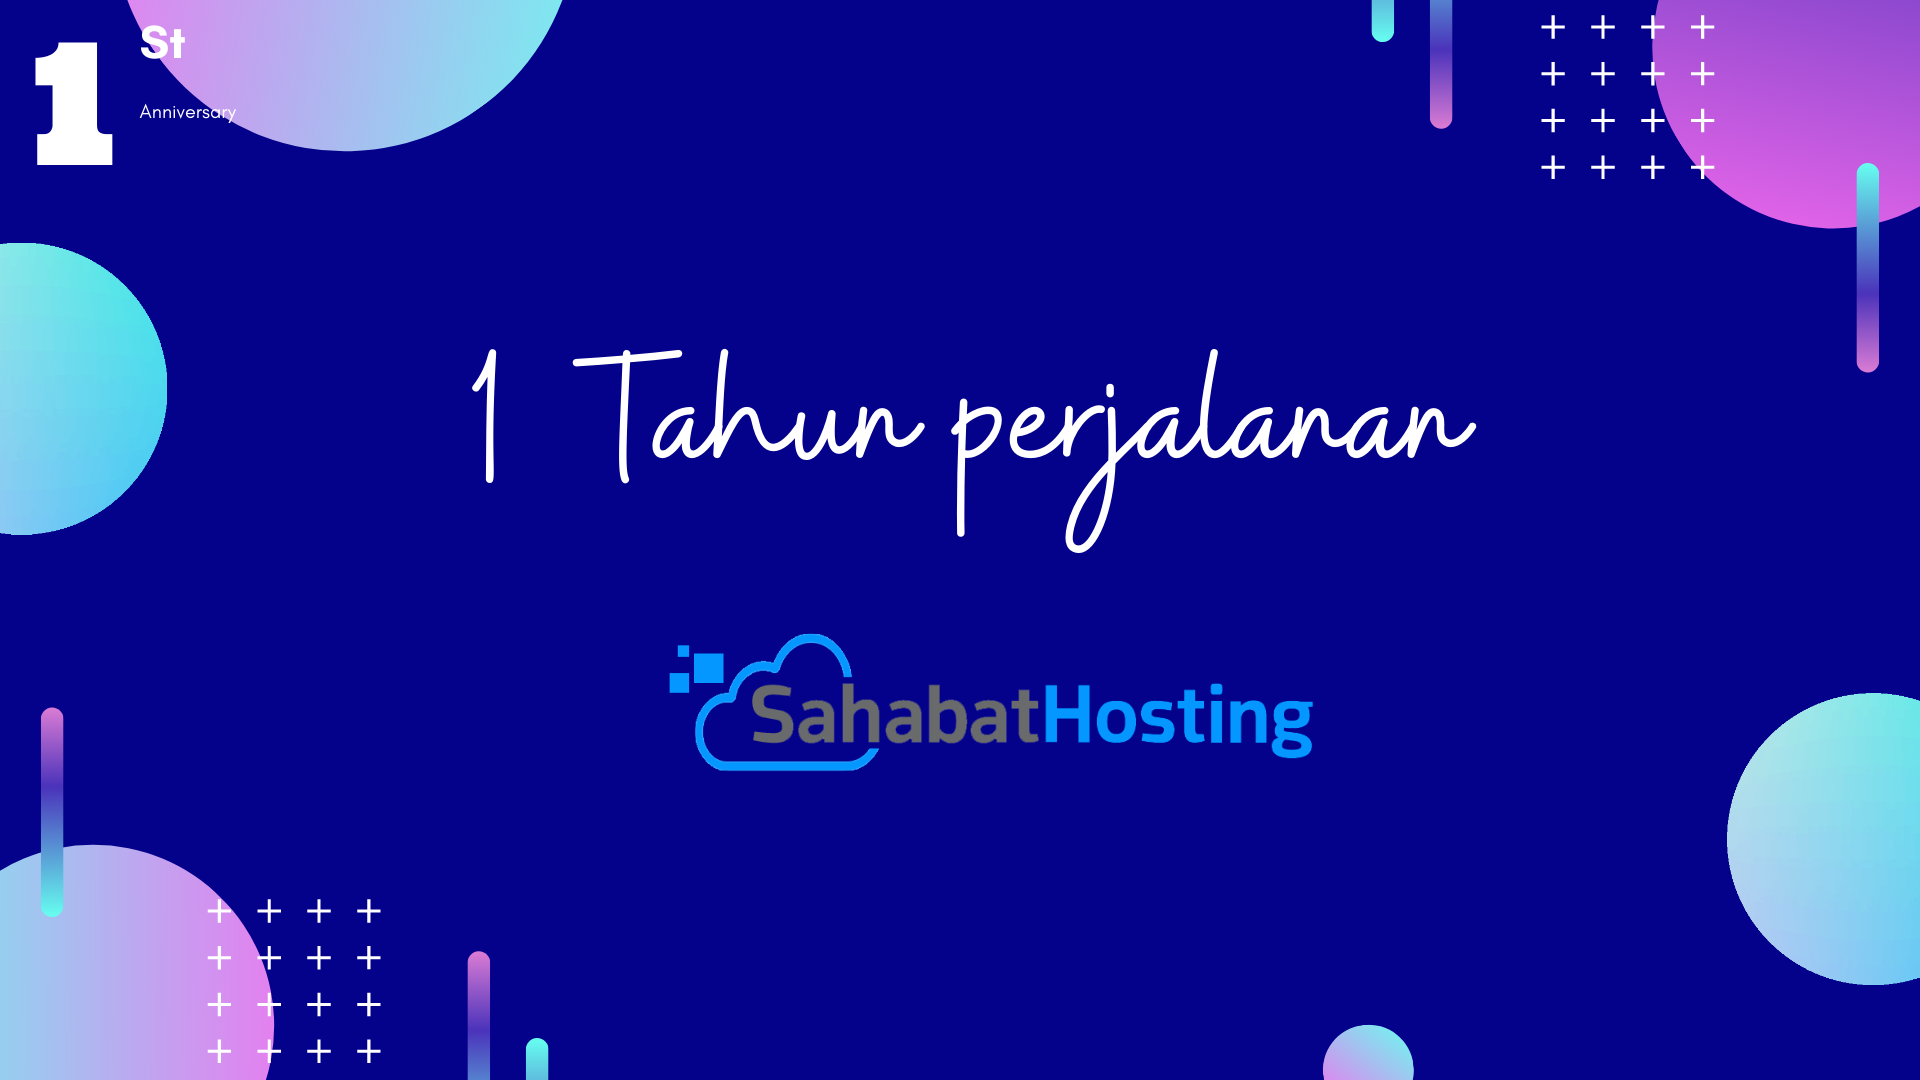 Sahabat hosting domain bulanan